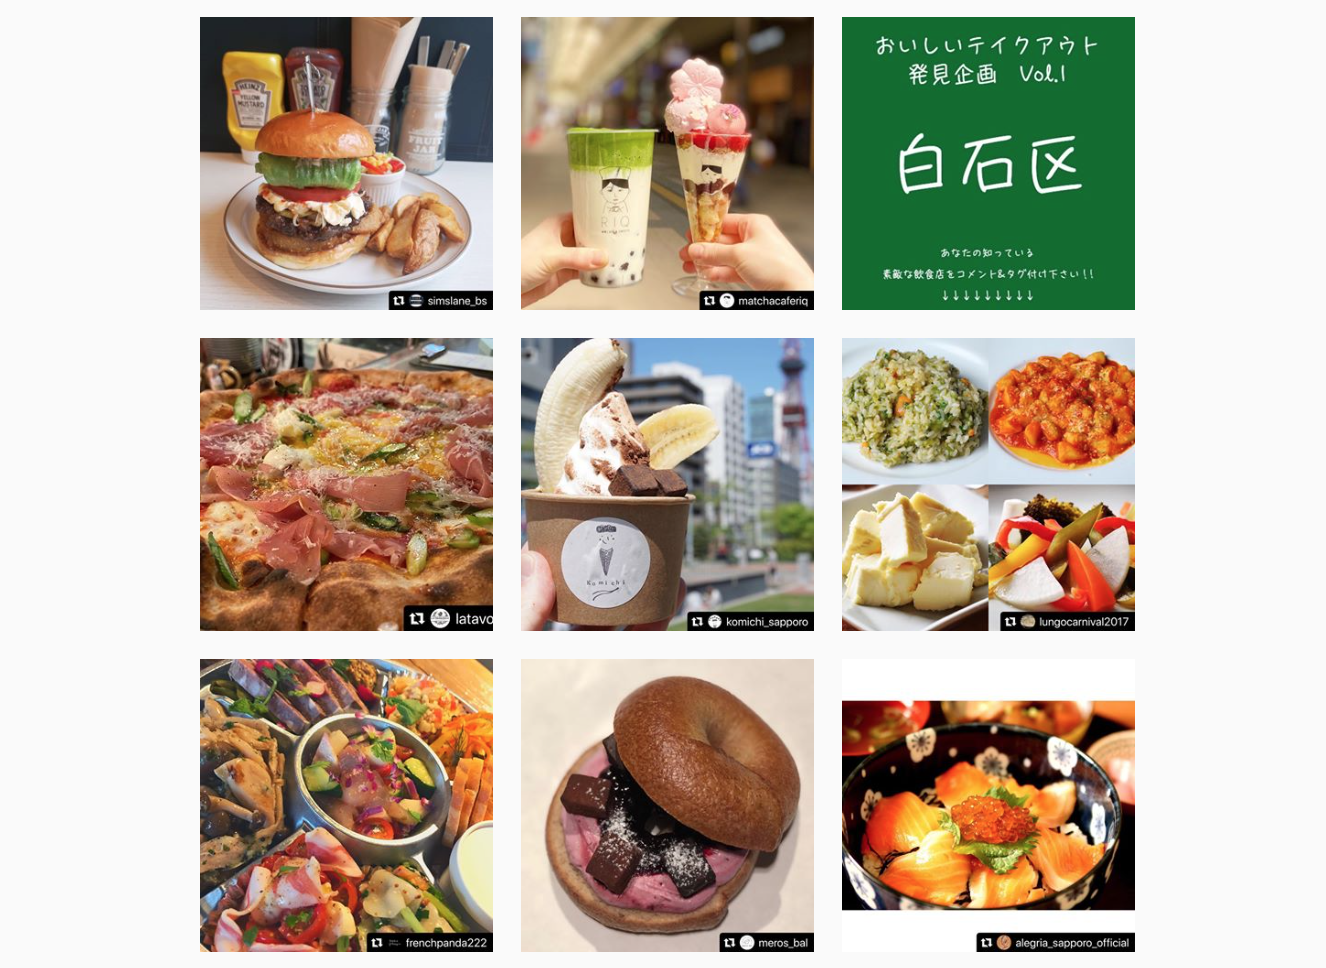 「デリバリー・テイクアウトをより身近に」 苦境の飲食店を北大生らがオンラインで支援 -おうちでごはん札幌